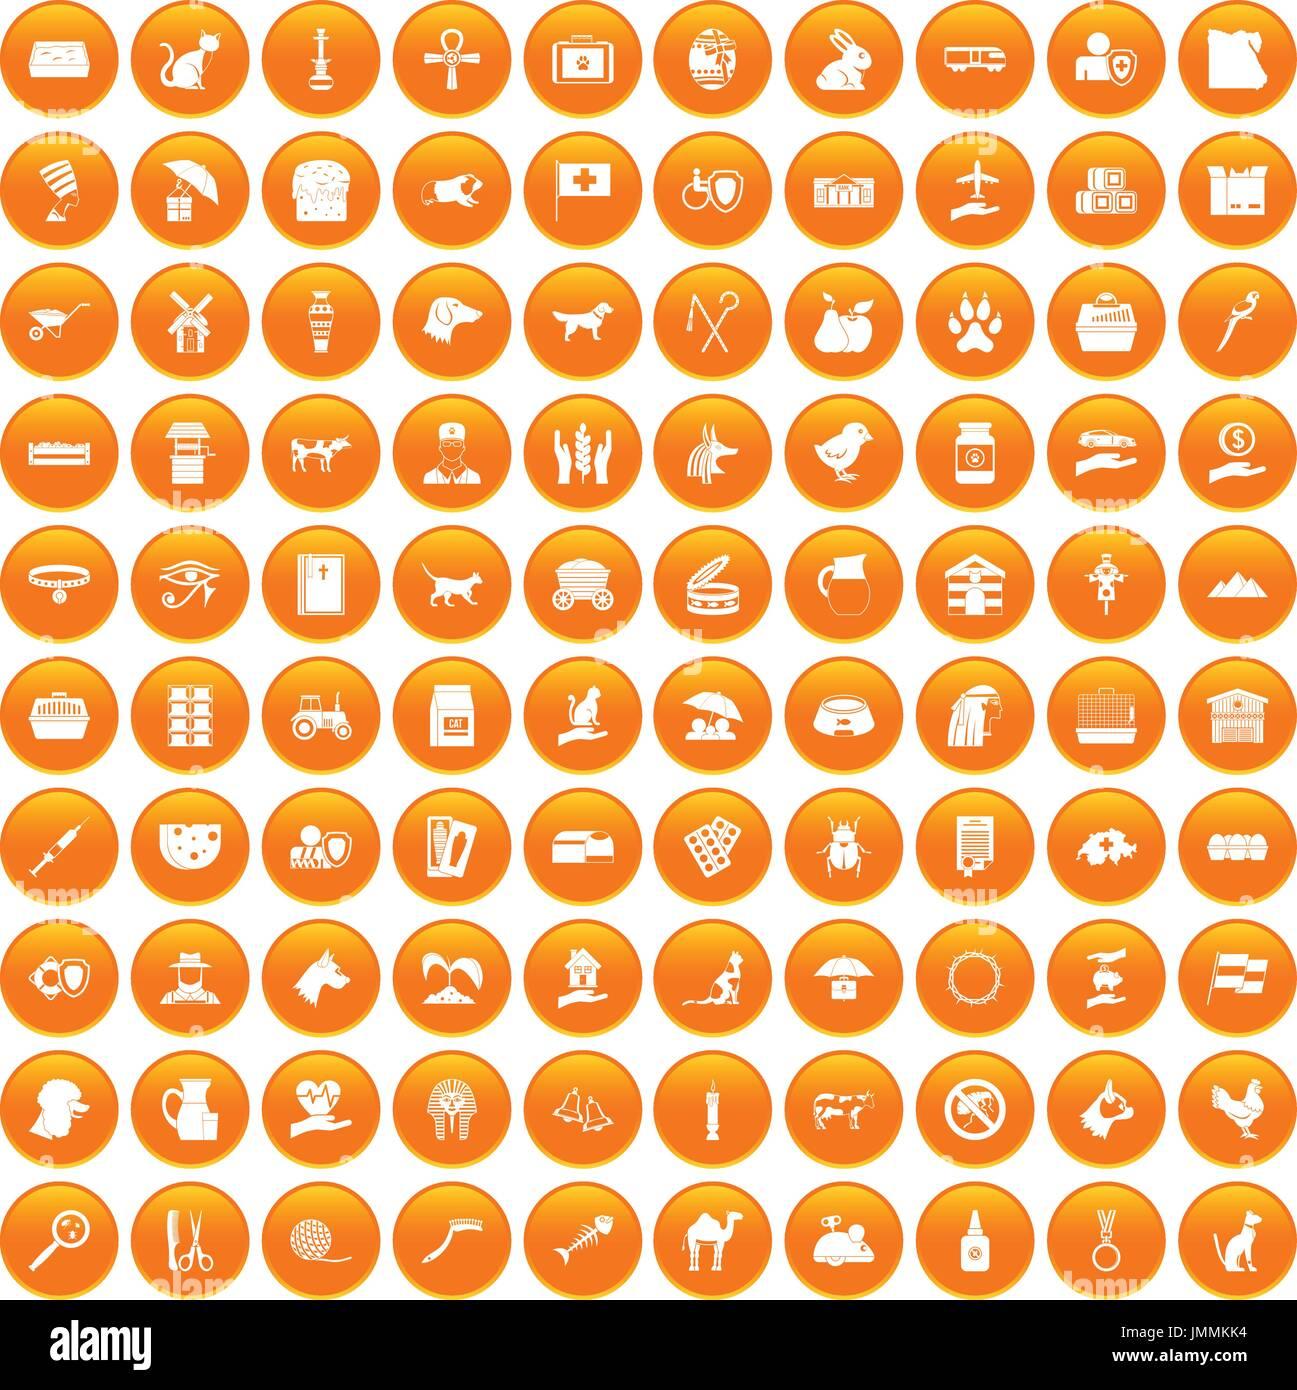 100 pets icons set orange - Stock Image